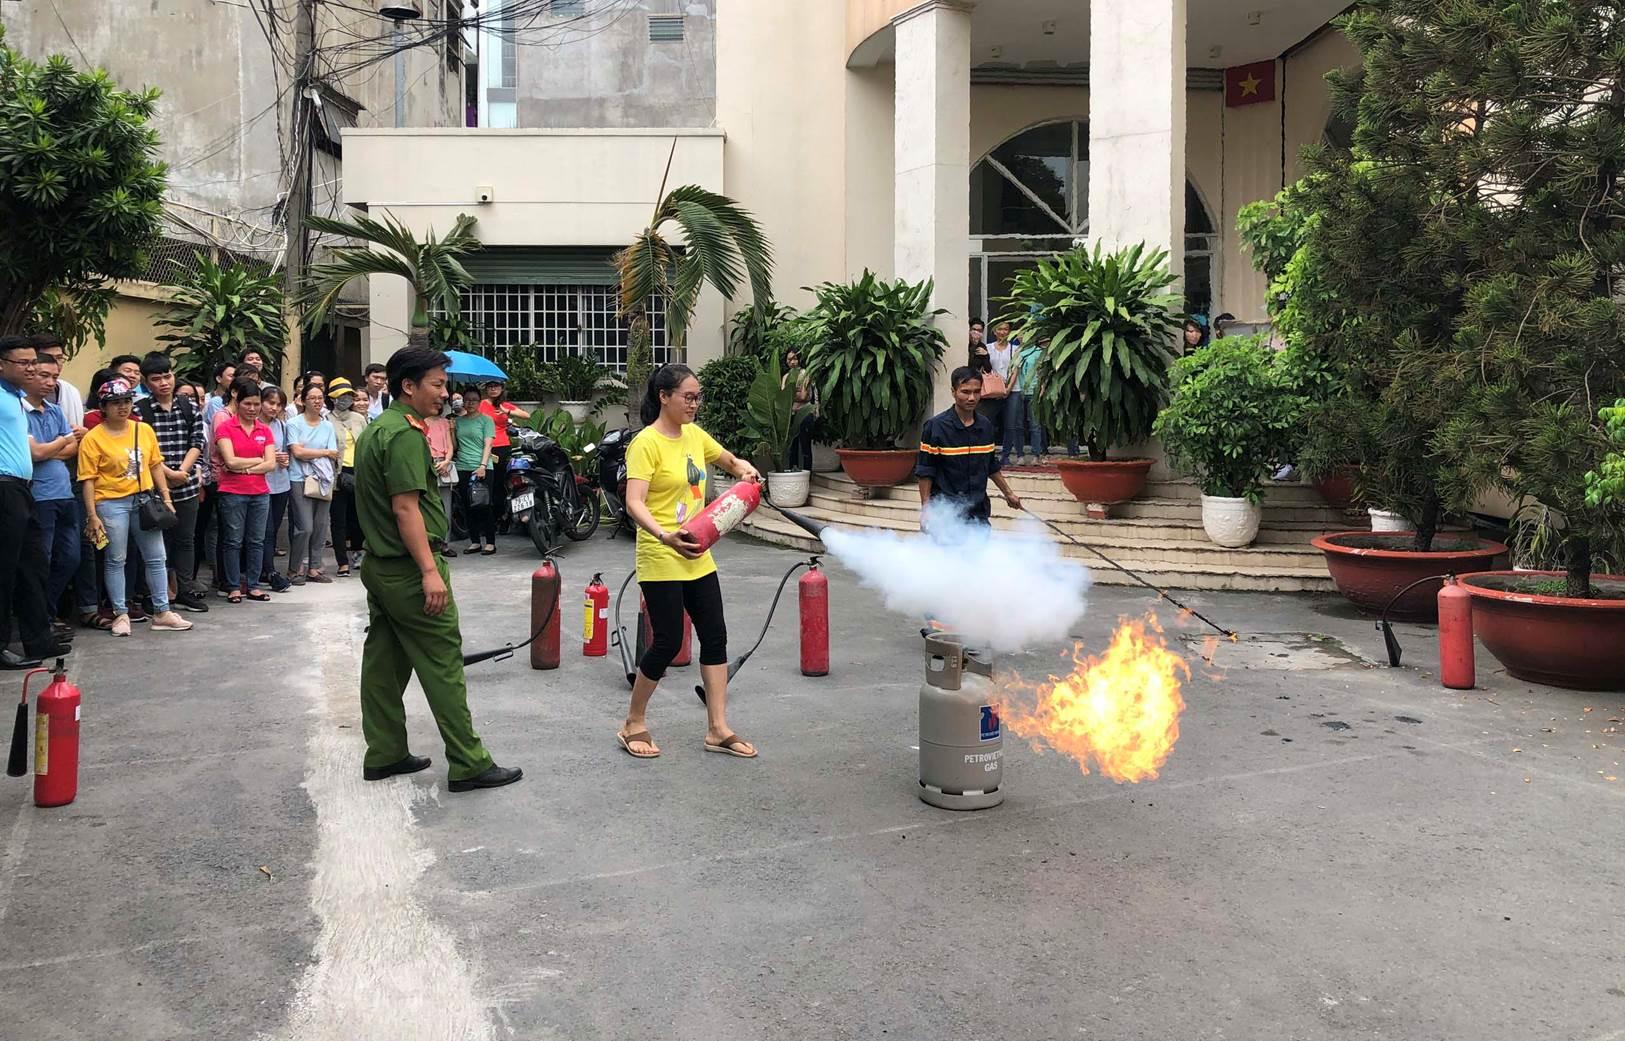 Phòng, chống cháy nổ khi sử dụng khí gas trong mùa nắng nóng